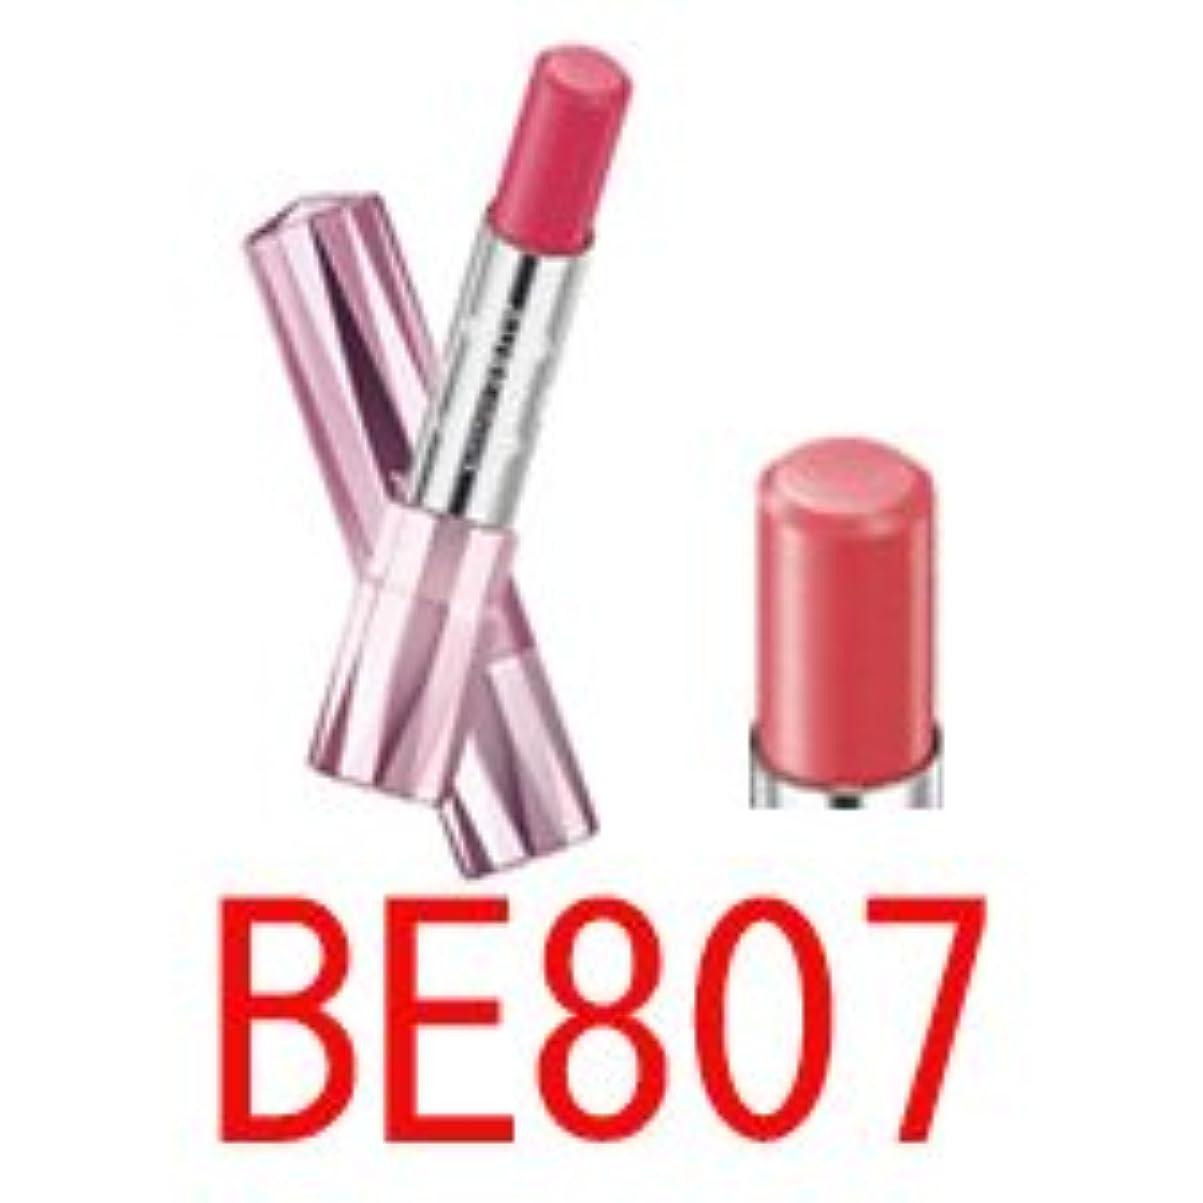 辛な鼓舞する偶然花王 ソフィーナ オーブクチュール エクセレントステイルージュ BE807 限定色